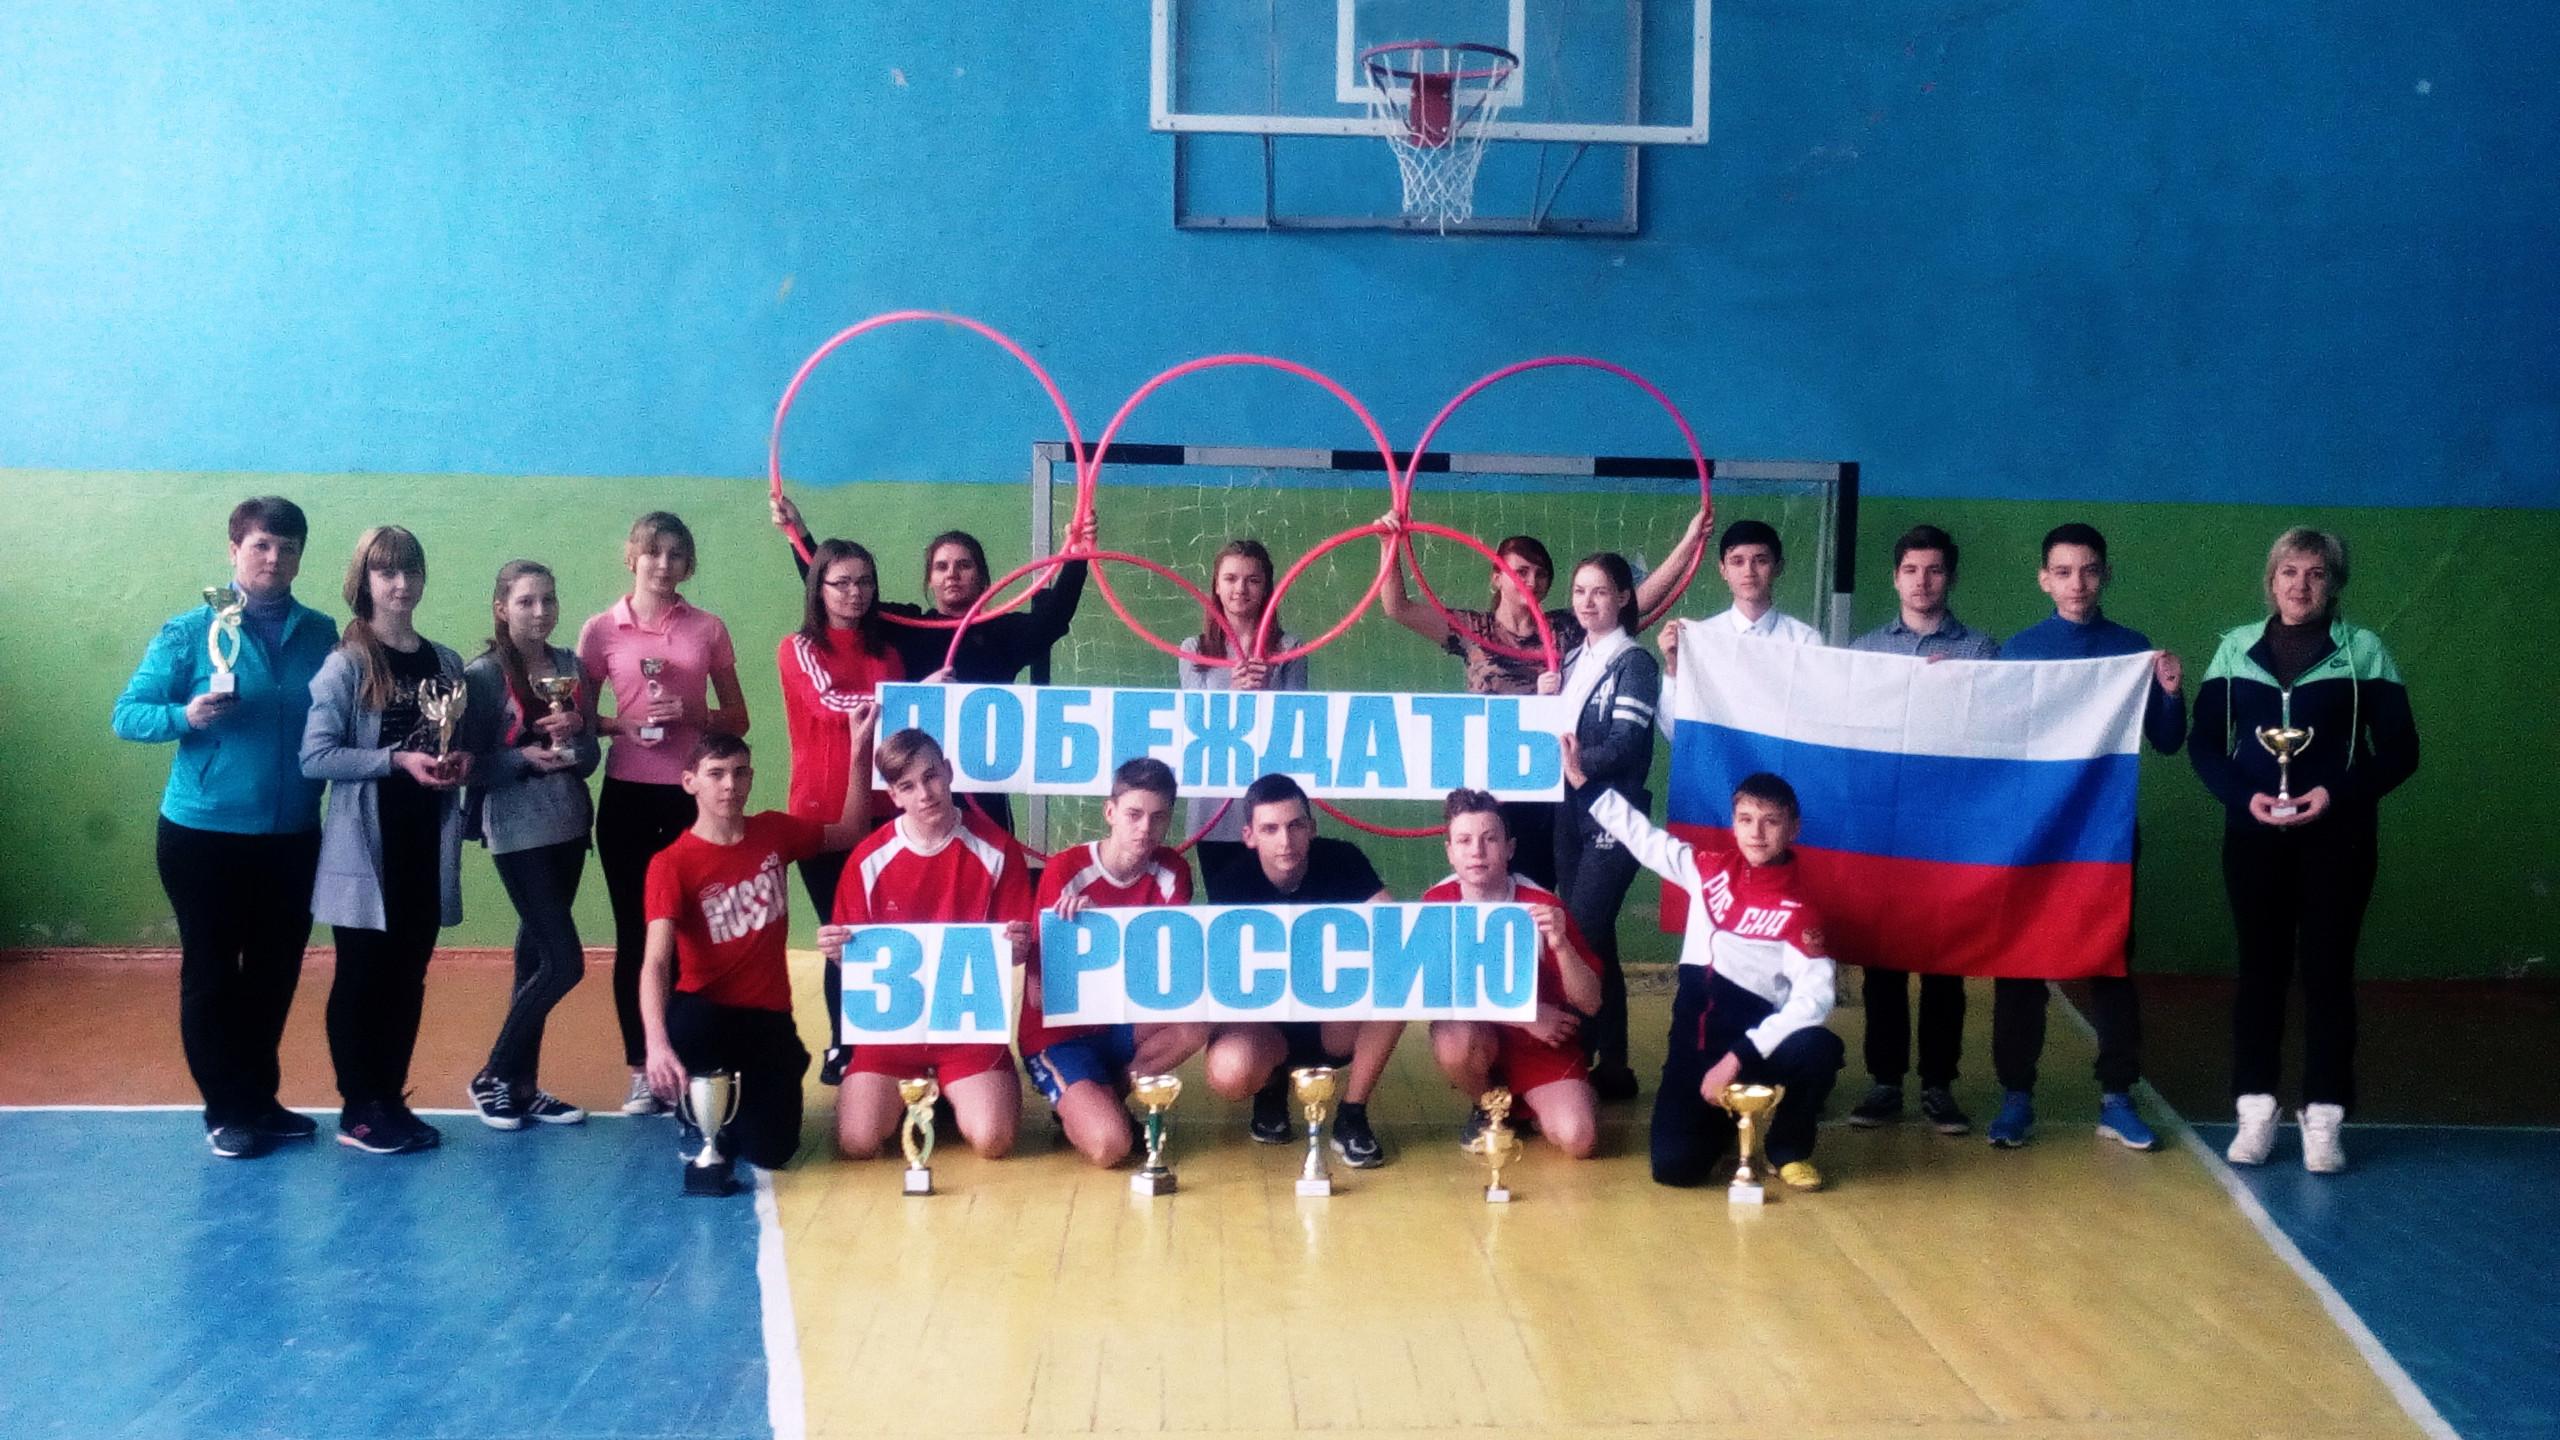 #РОССИЯВМОЕМСЕРДЦЕ МБОУ ССОШ №2 г Стародуб Брянская обл в поддержку российских олимпийцев (1)